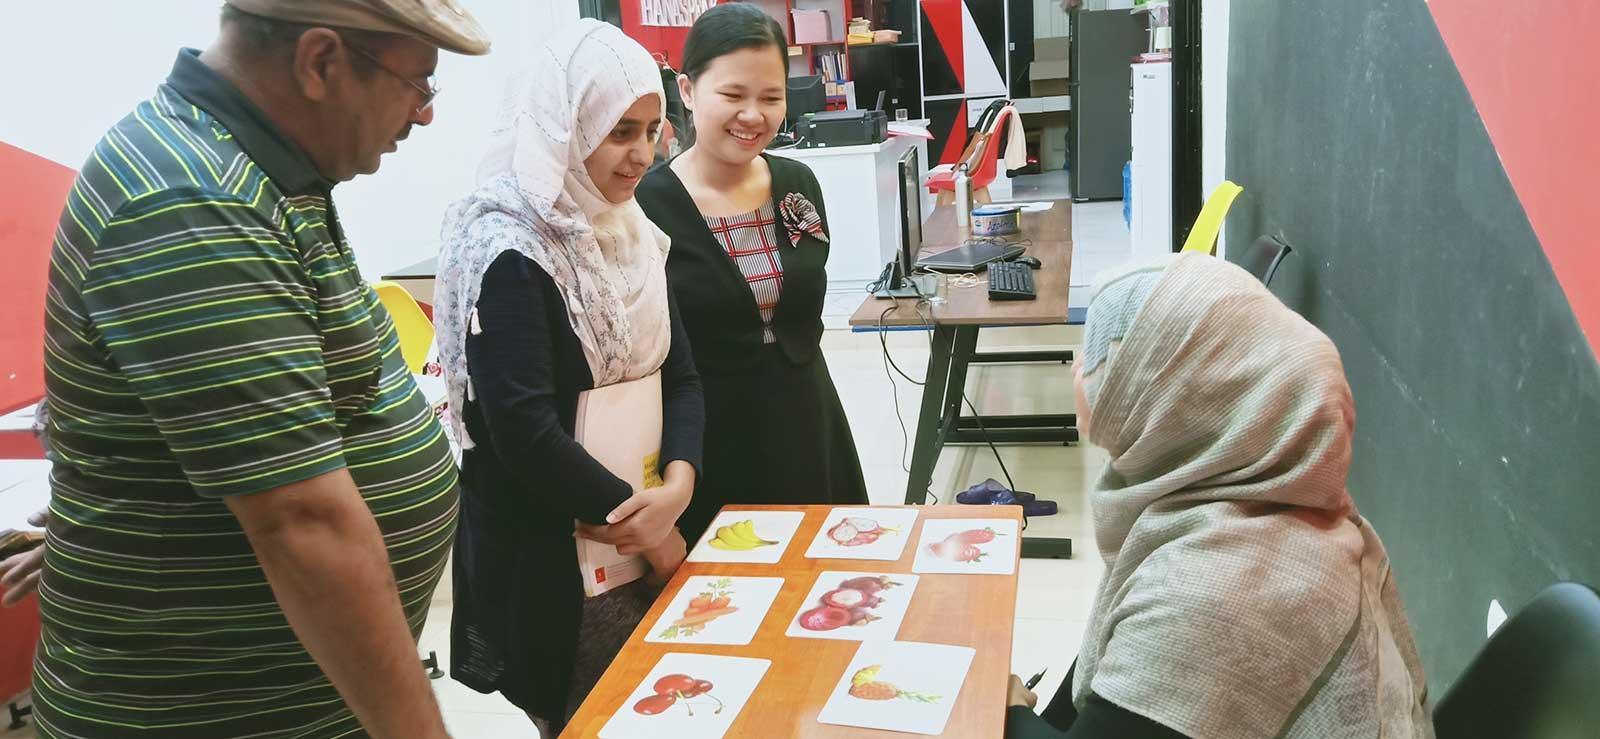 Dạy tiếng Việt cho người nước ngoài Hanaspeak